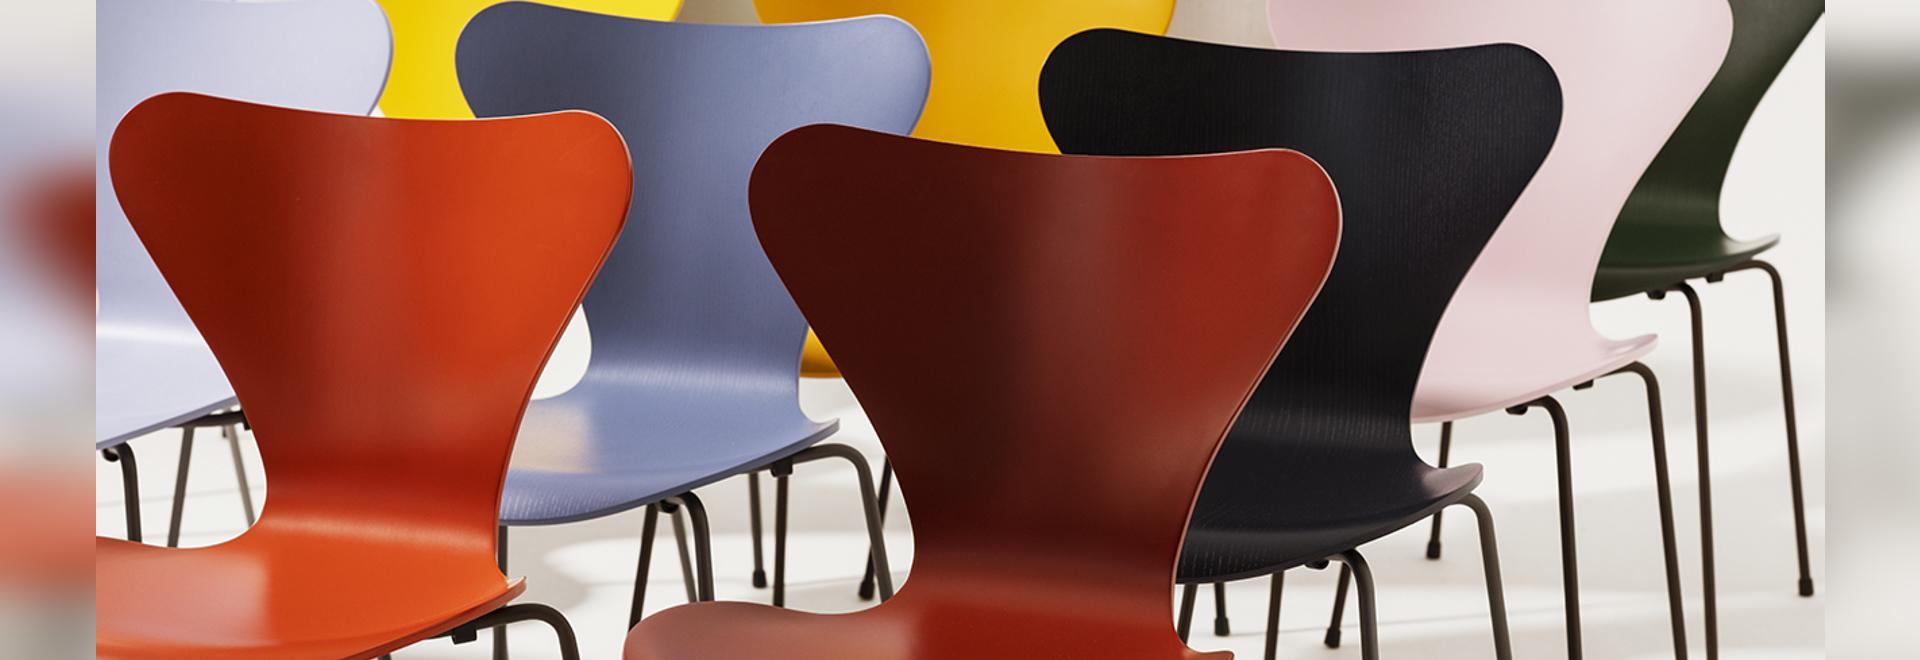 16 nouvelles couleurs pour les chaises empilables d'Arne Jacobsen